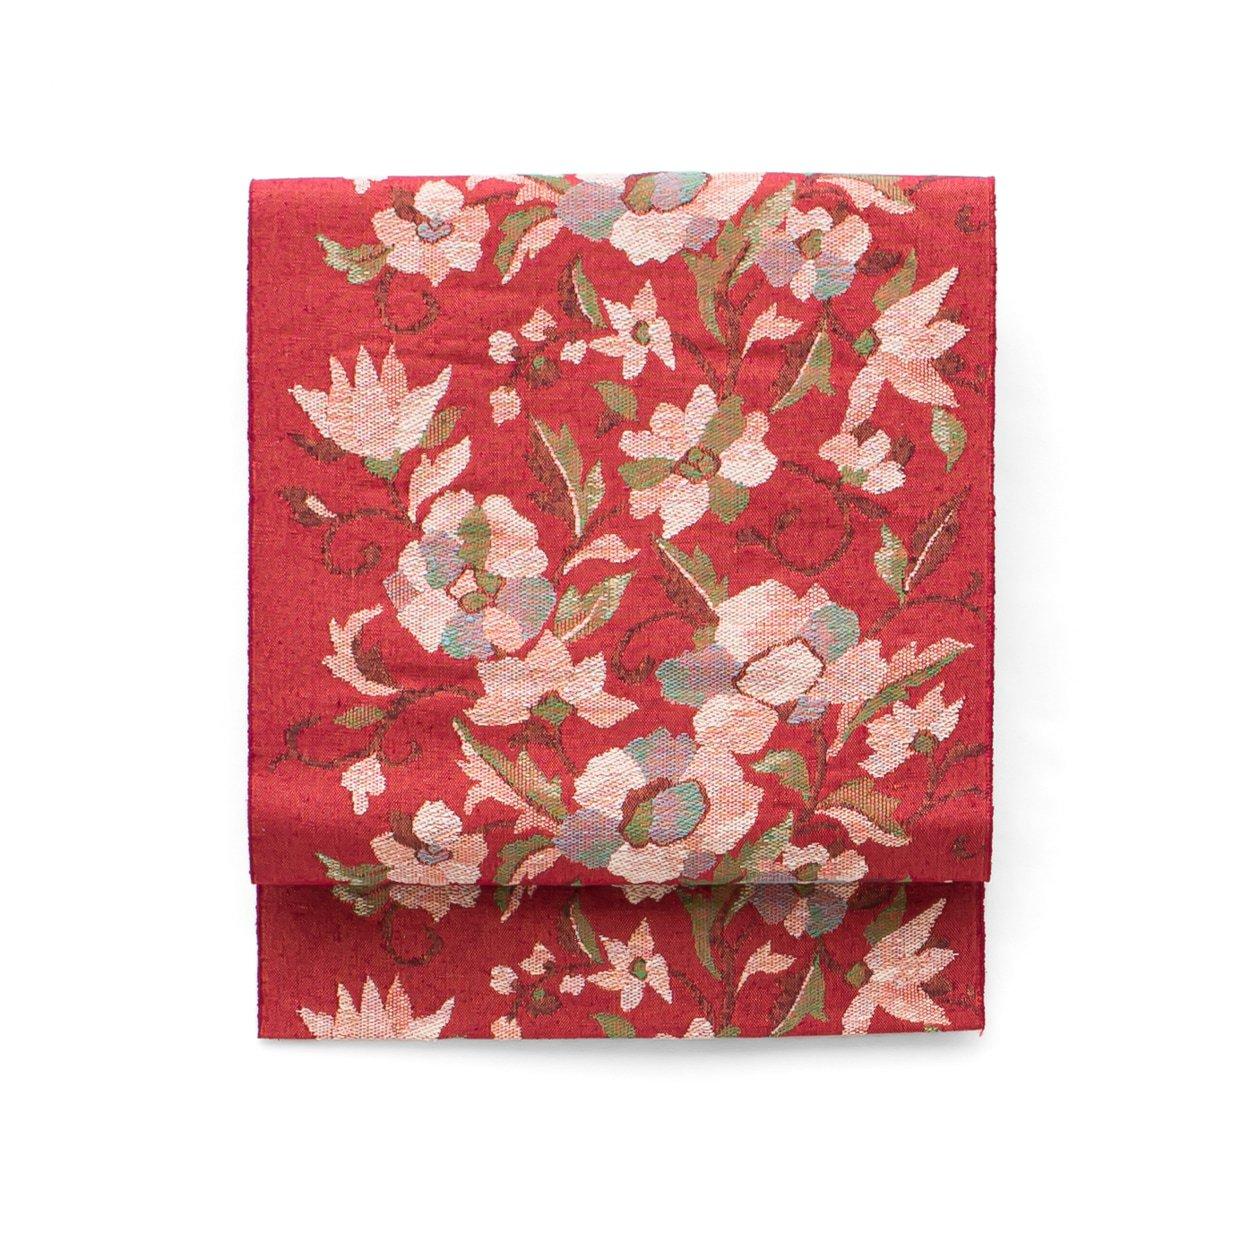 「紬 赤茶色 花模様」の商品画像